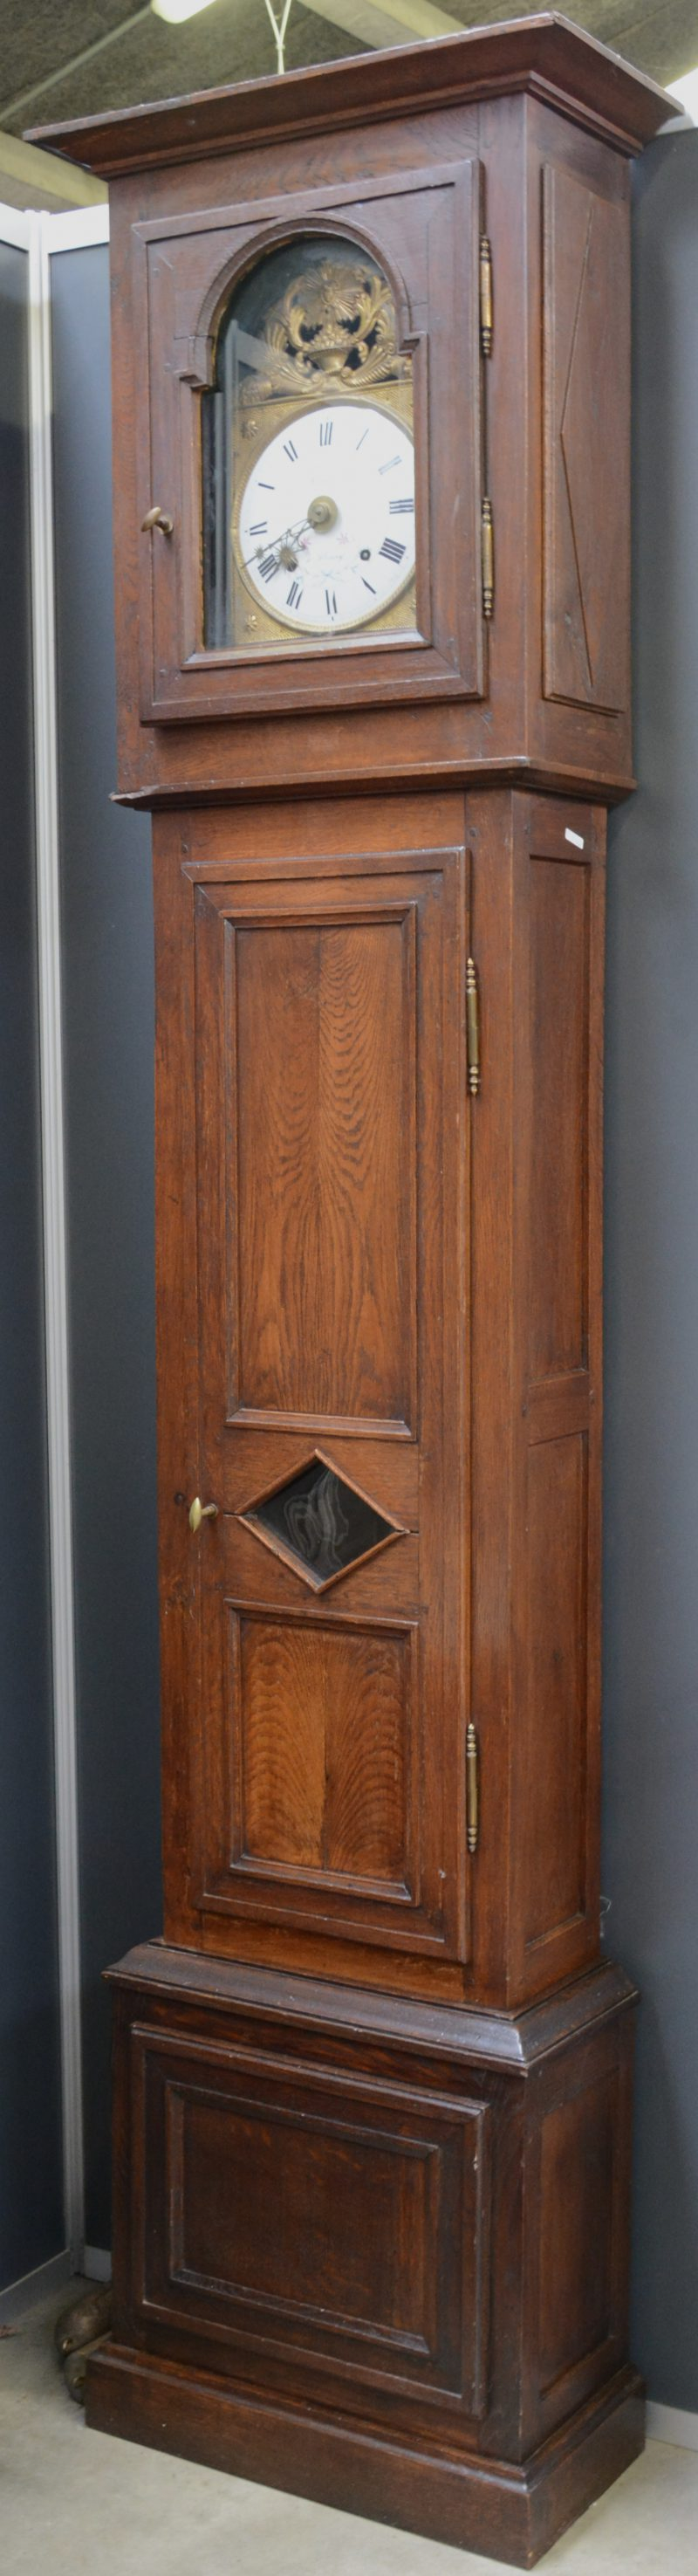 Een eikenhouten staande klok. Het werk met gedreven geel koper en geëmailleerde wijzerplaat. Eind XIXe eeuw.